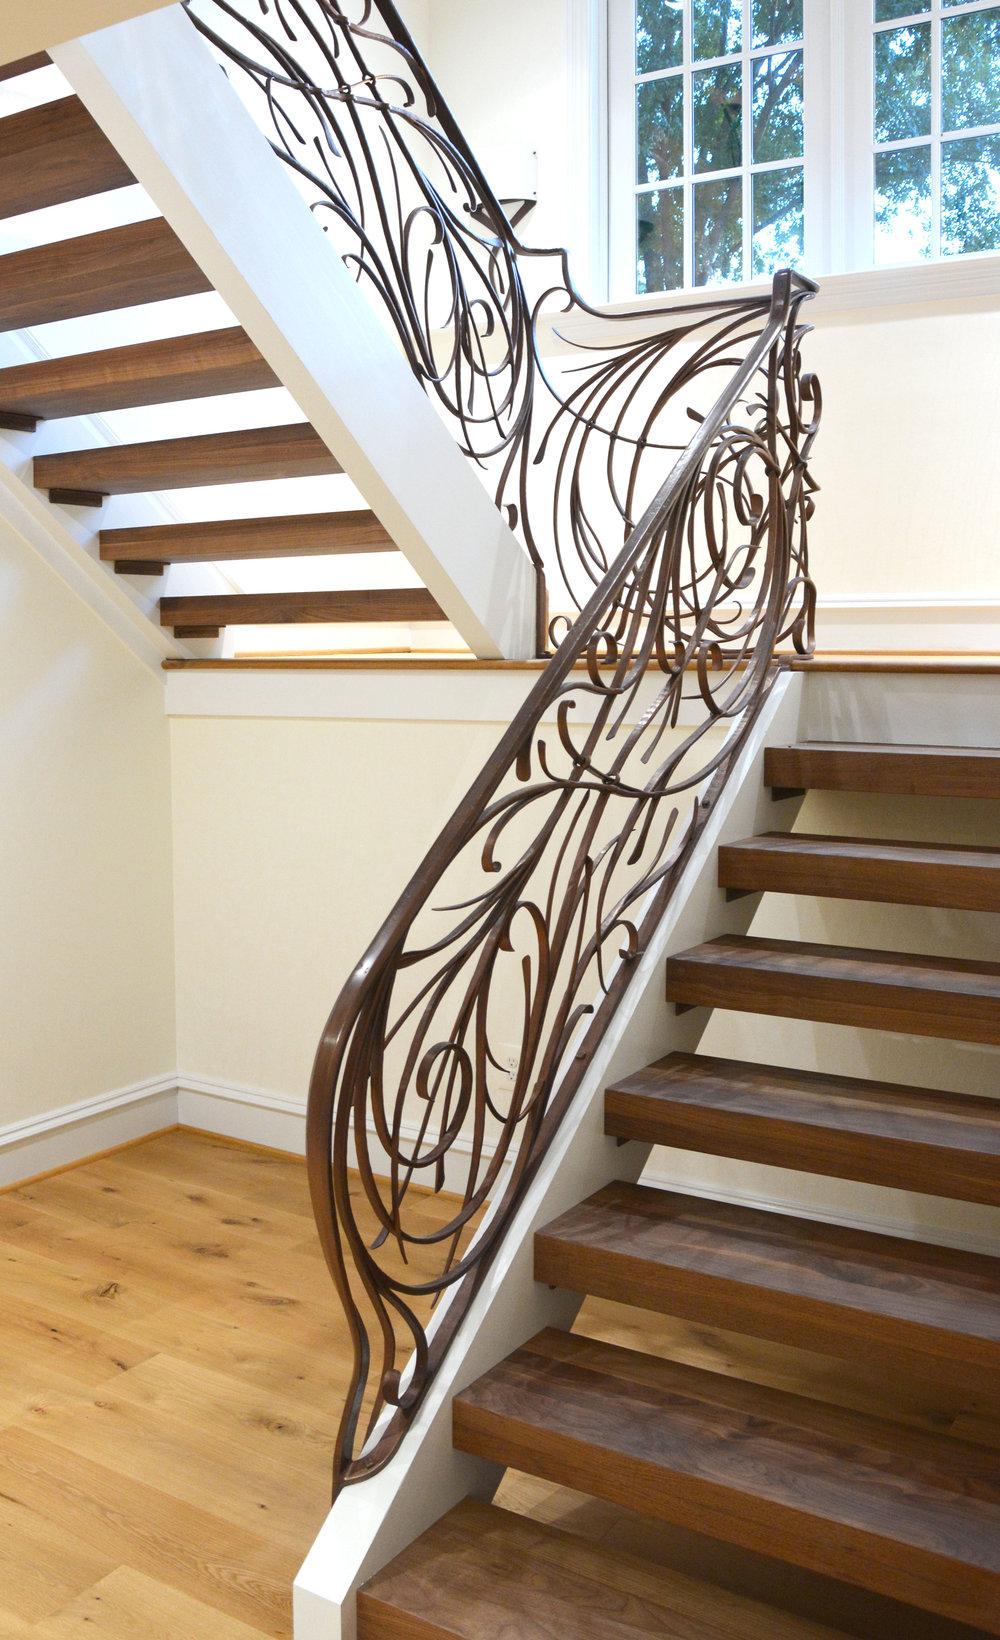 楼梯 1000_1640 竖版 竖屏